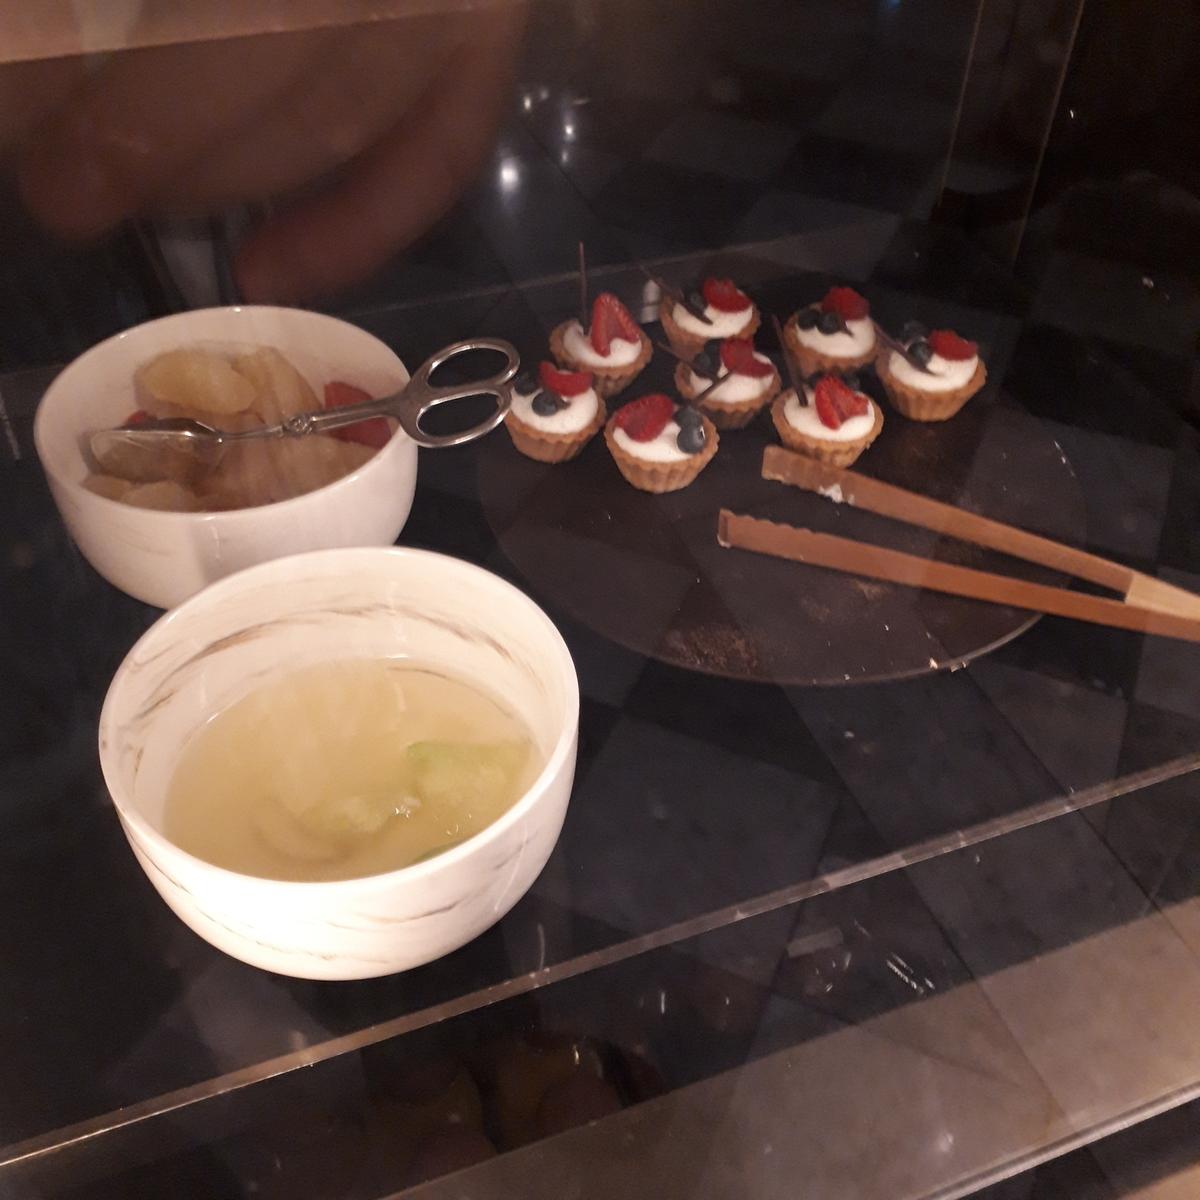 リッツカールトン大阪 クラブラウンジ ナイトキャップ ケーキ類